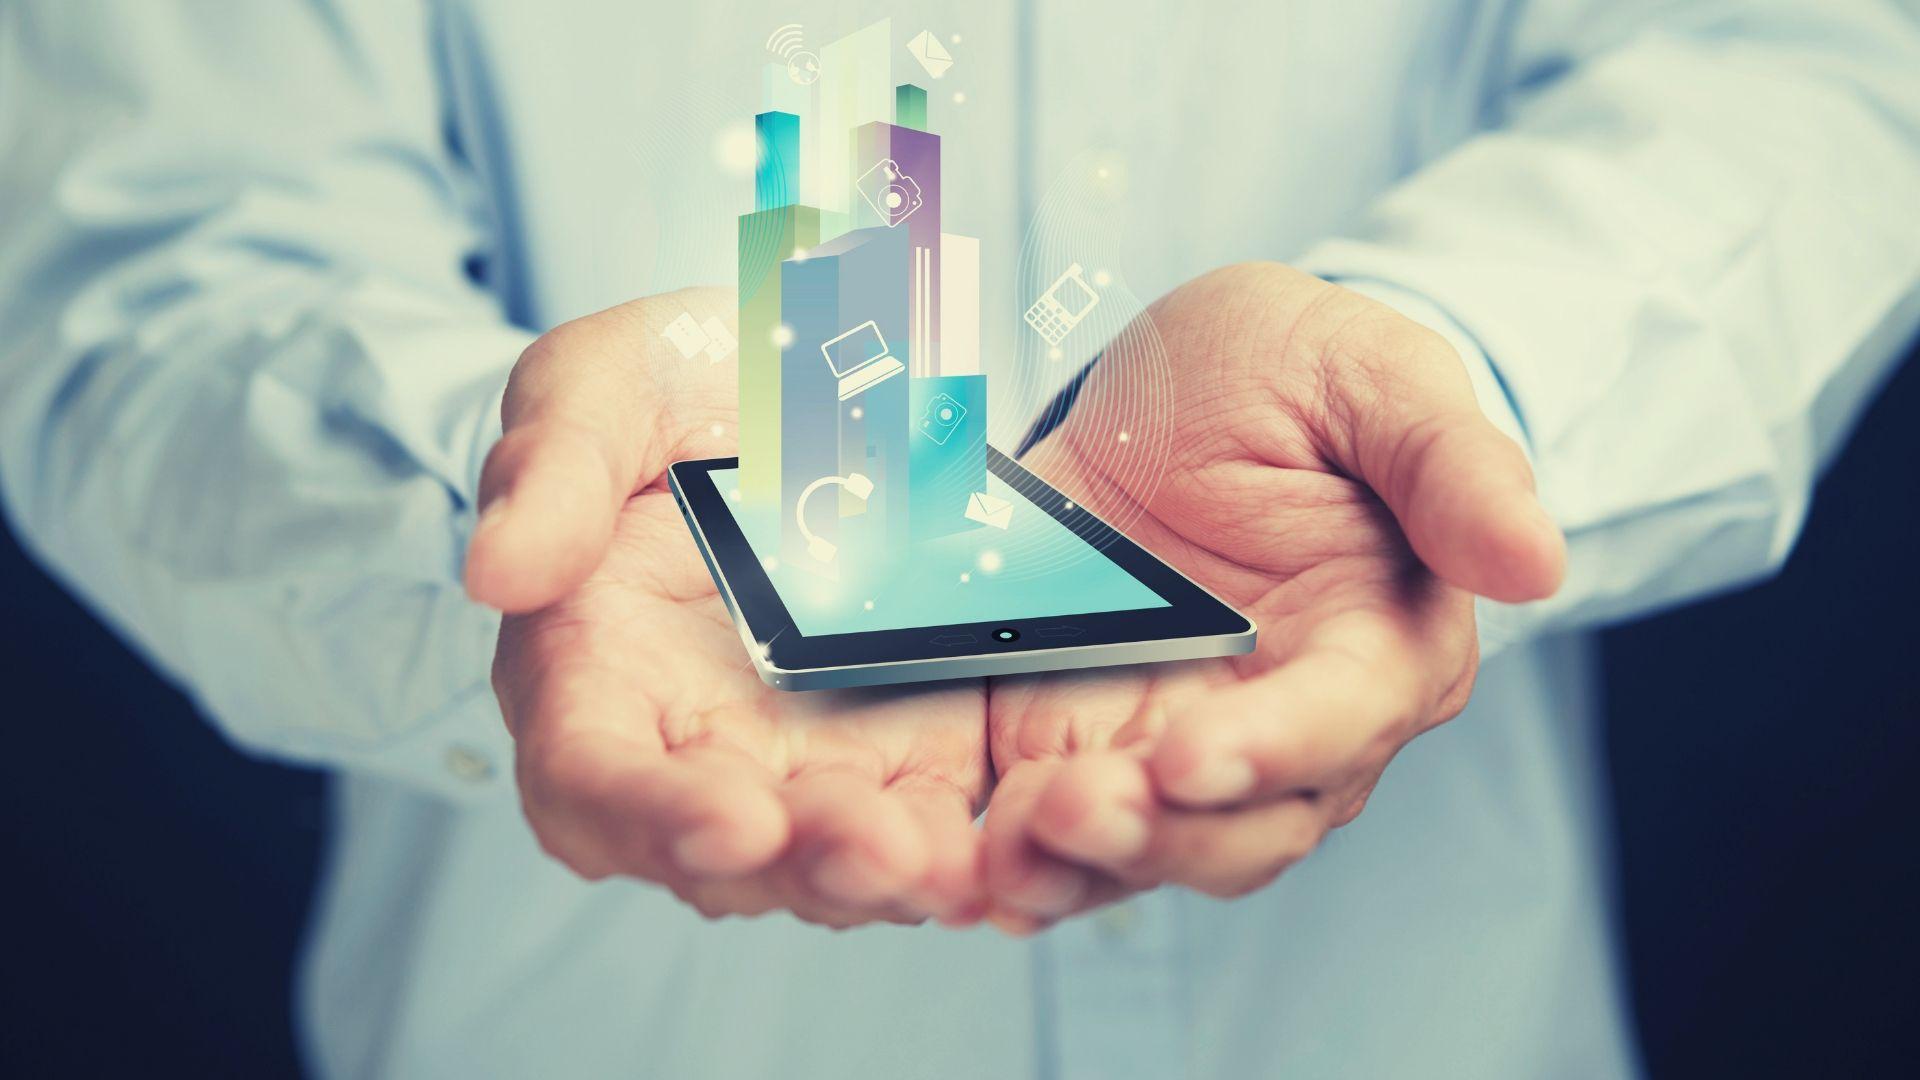 Kuvituskuva, jossa kämmenet pitelevät älypuhelinta.